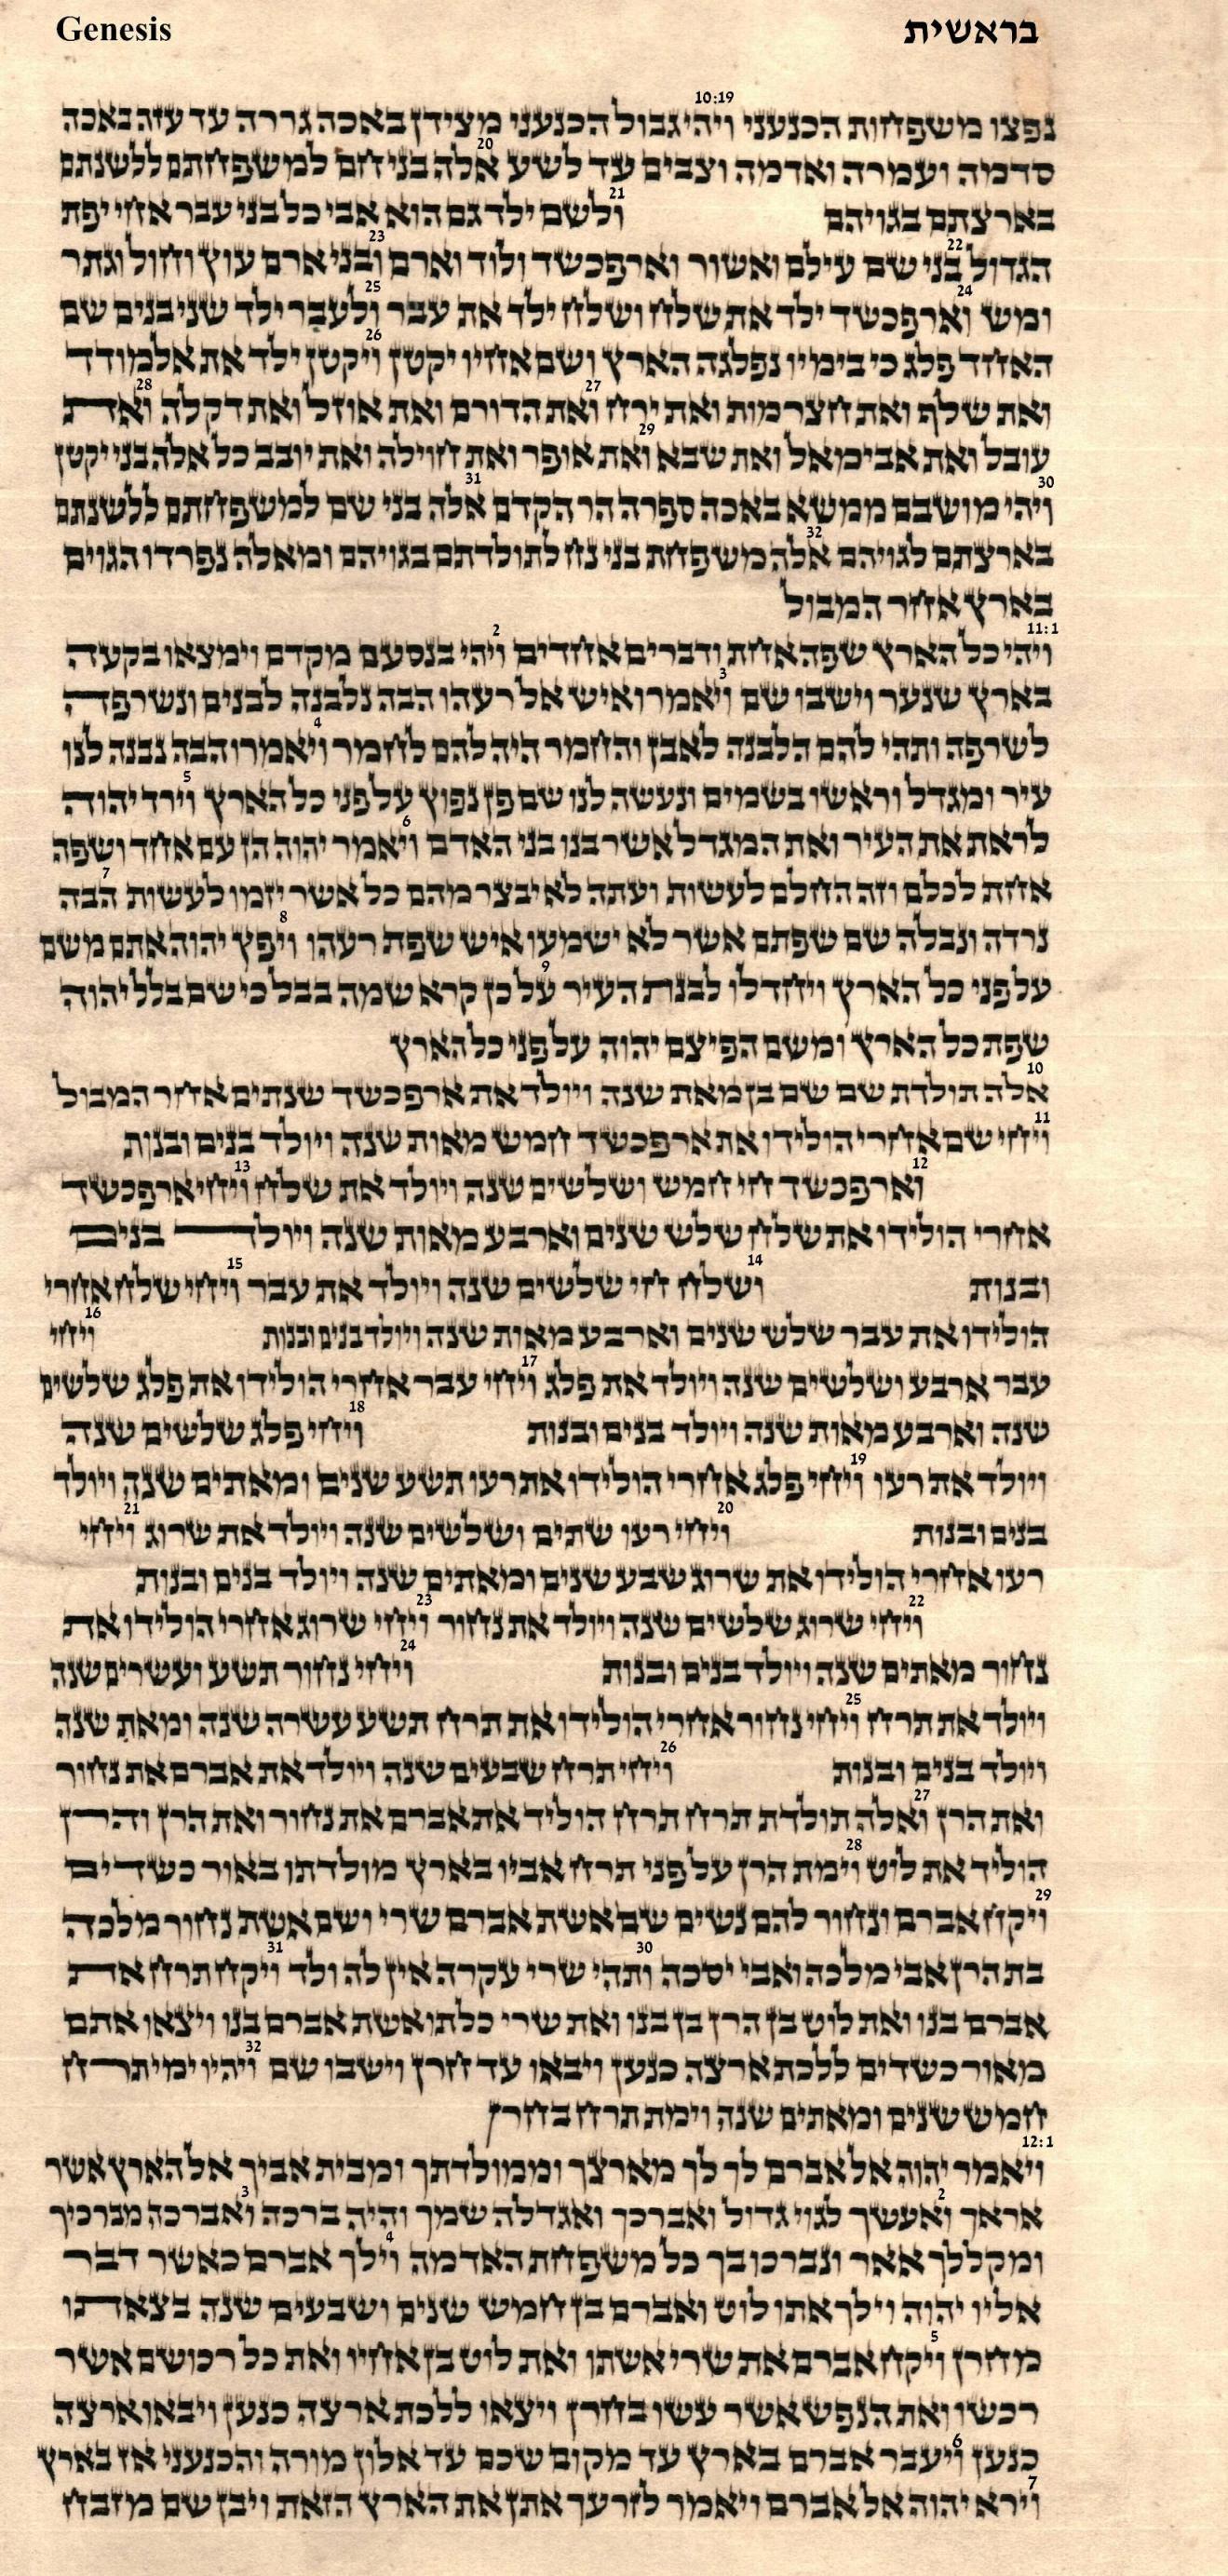 Genesis 10.19 - 12.7